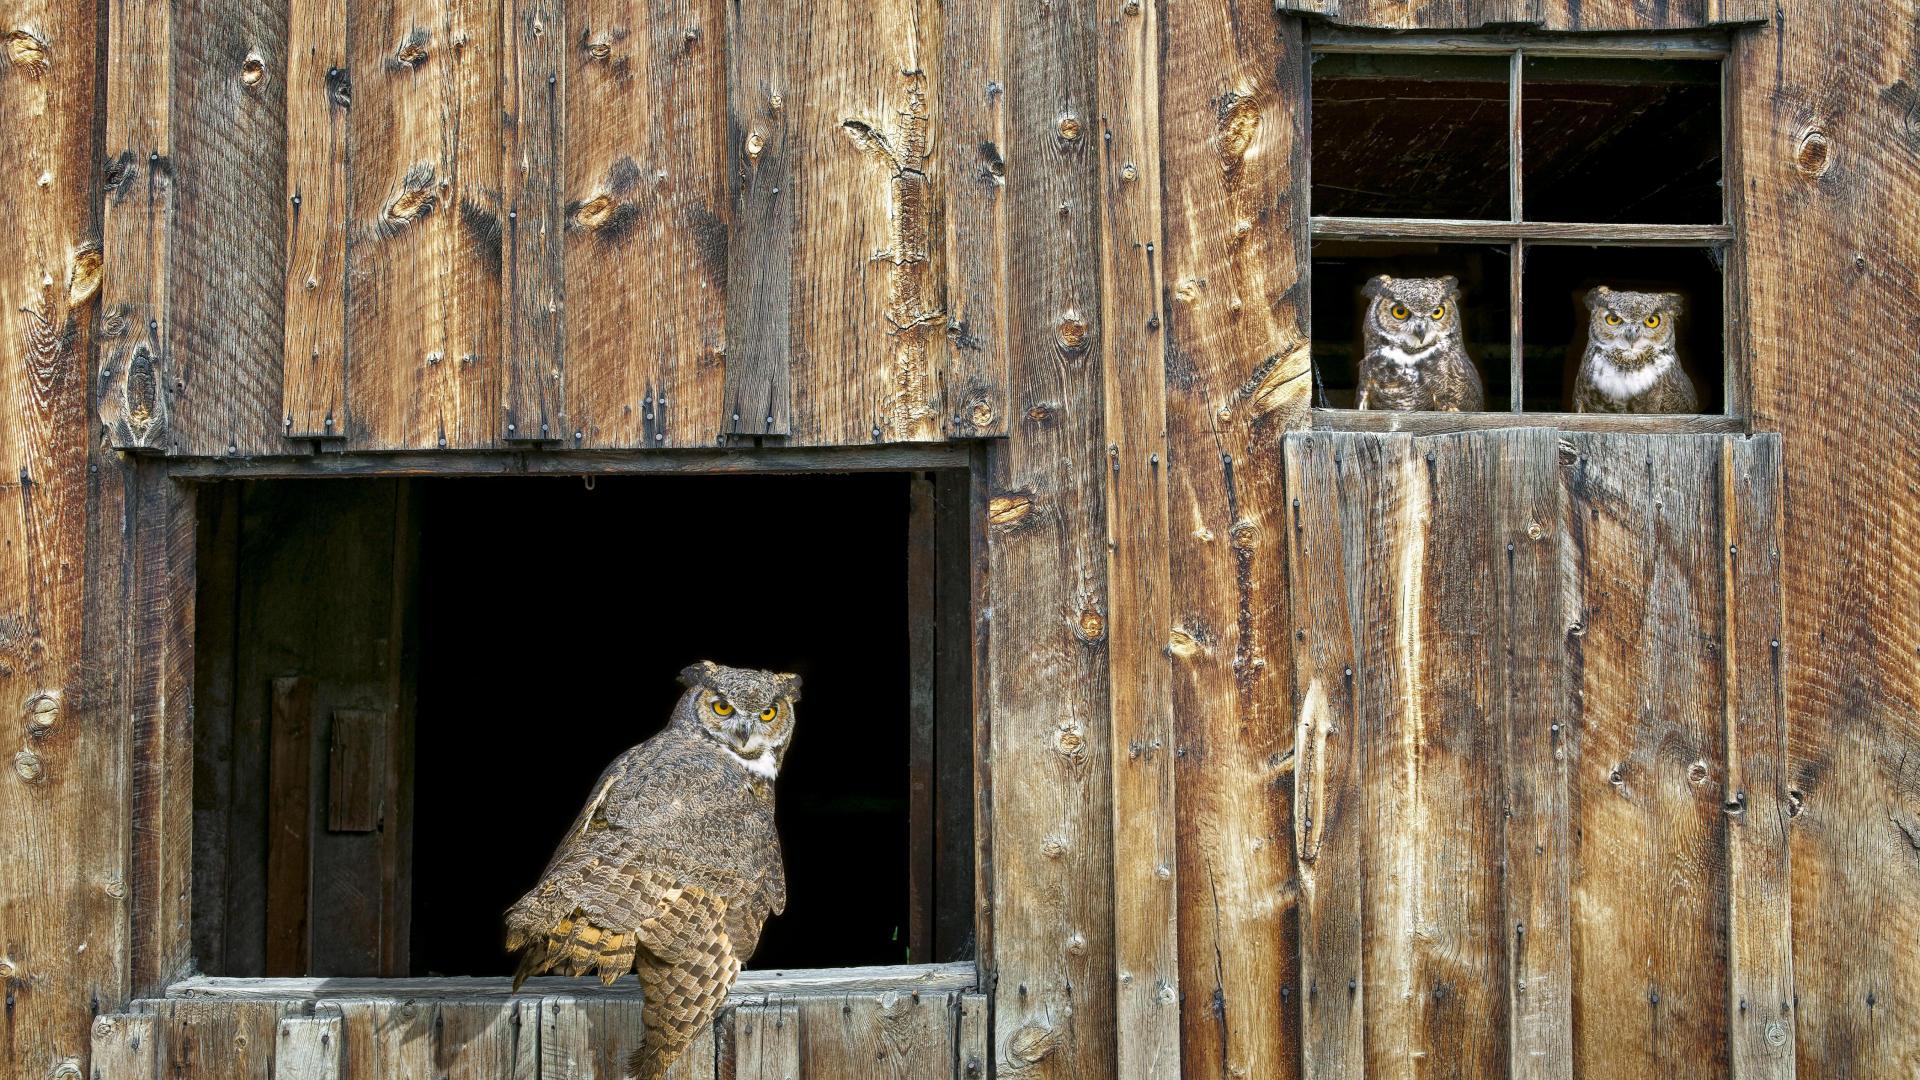 Magnifique sélection de photographies d'animaux